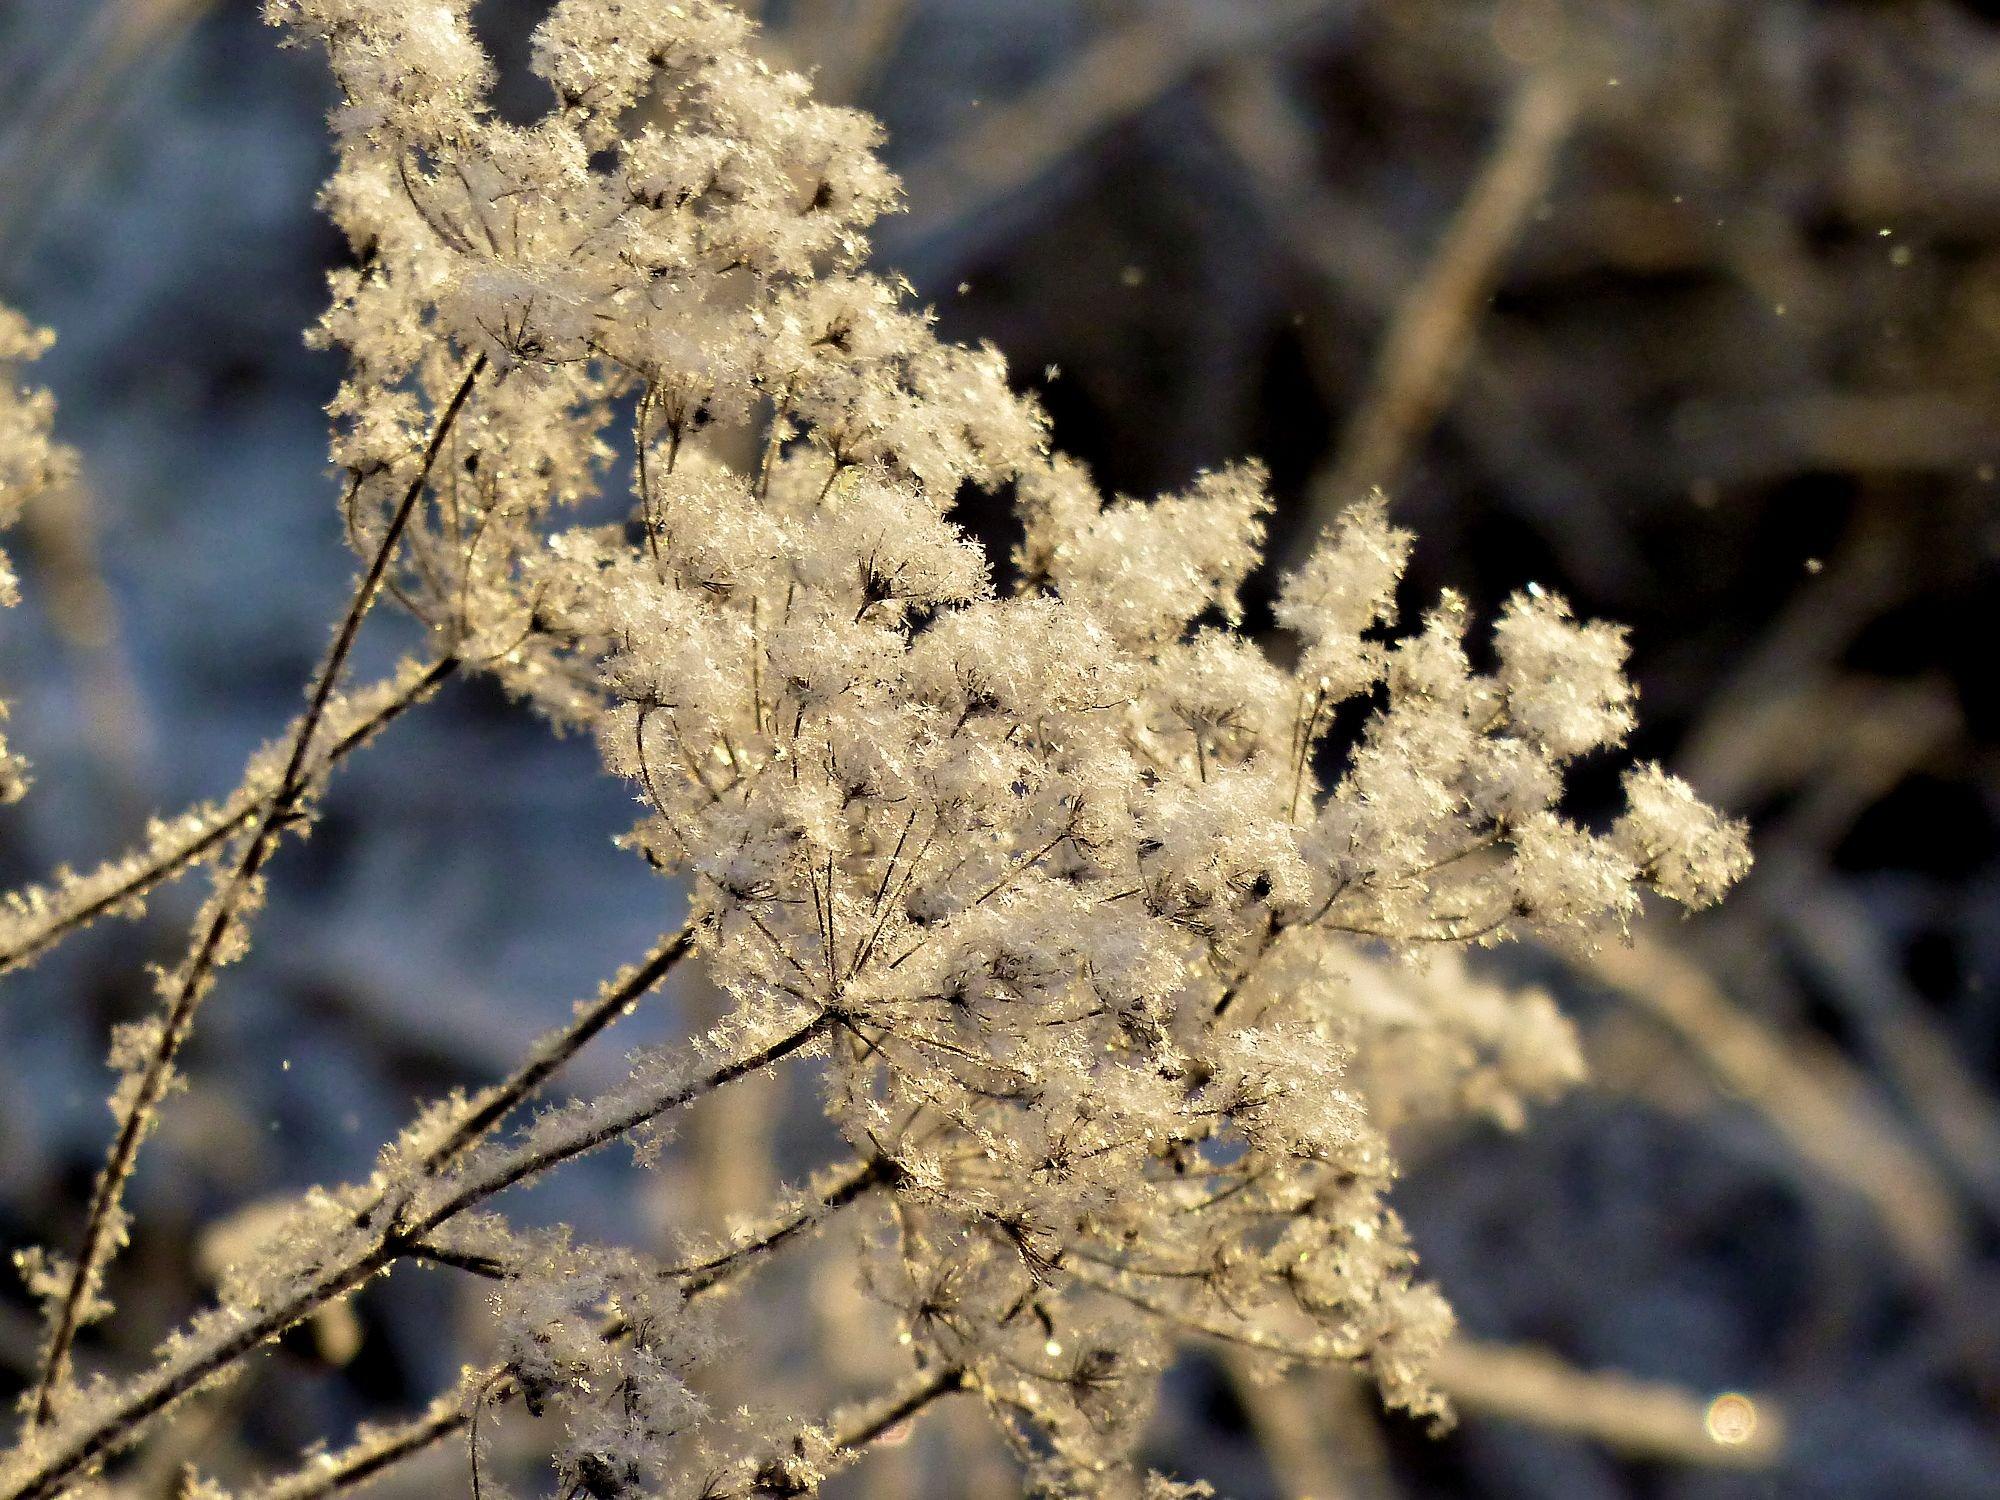 провести самое красивое фото зимней изморози инея вас